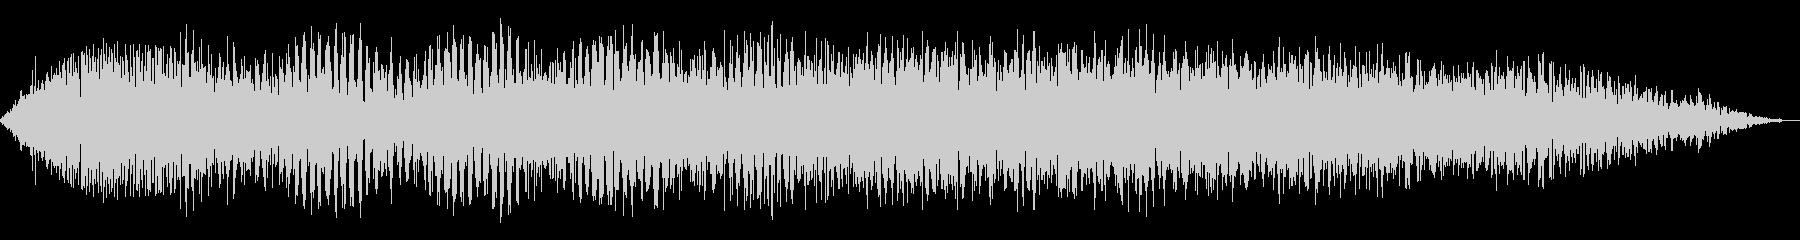 データ過負荷1の未再生の波形